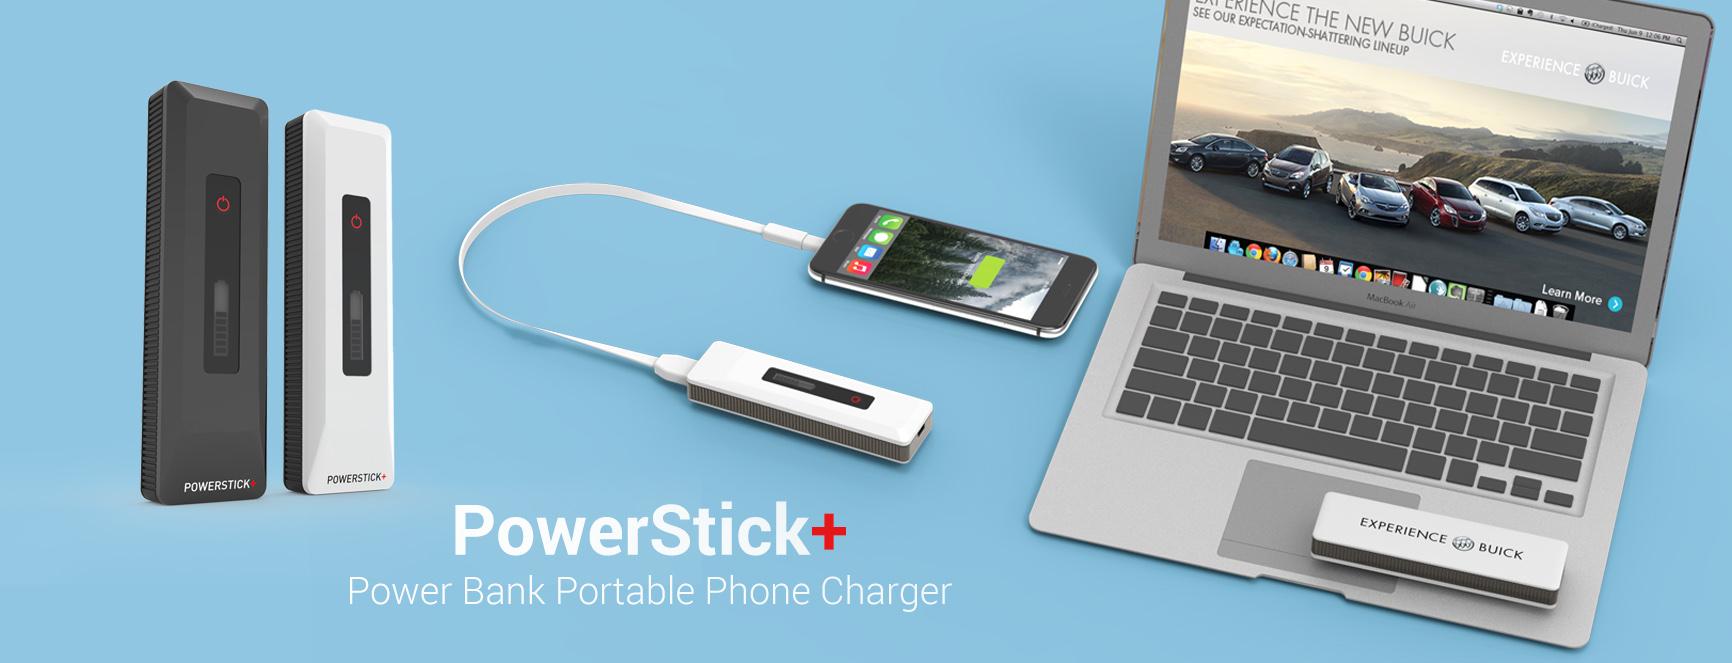 PowerStick+_computer